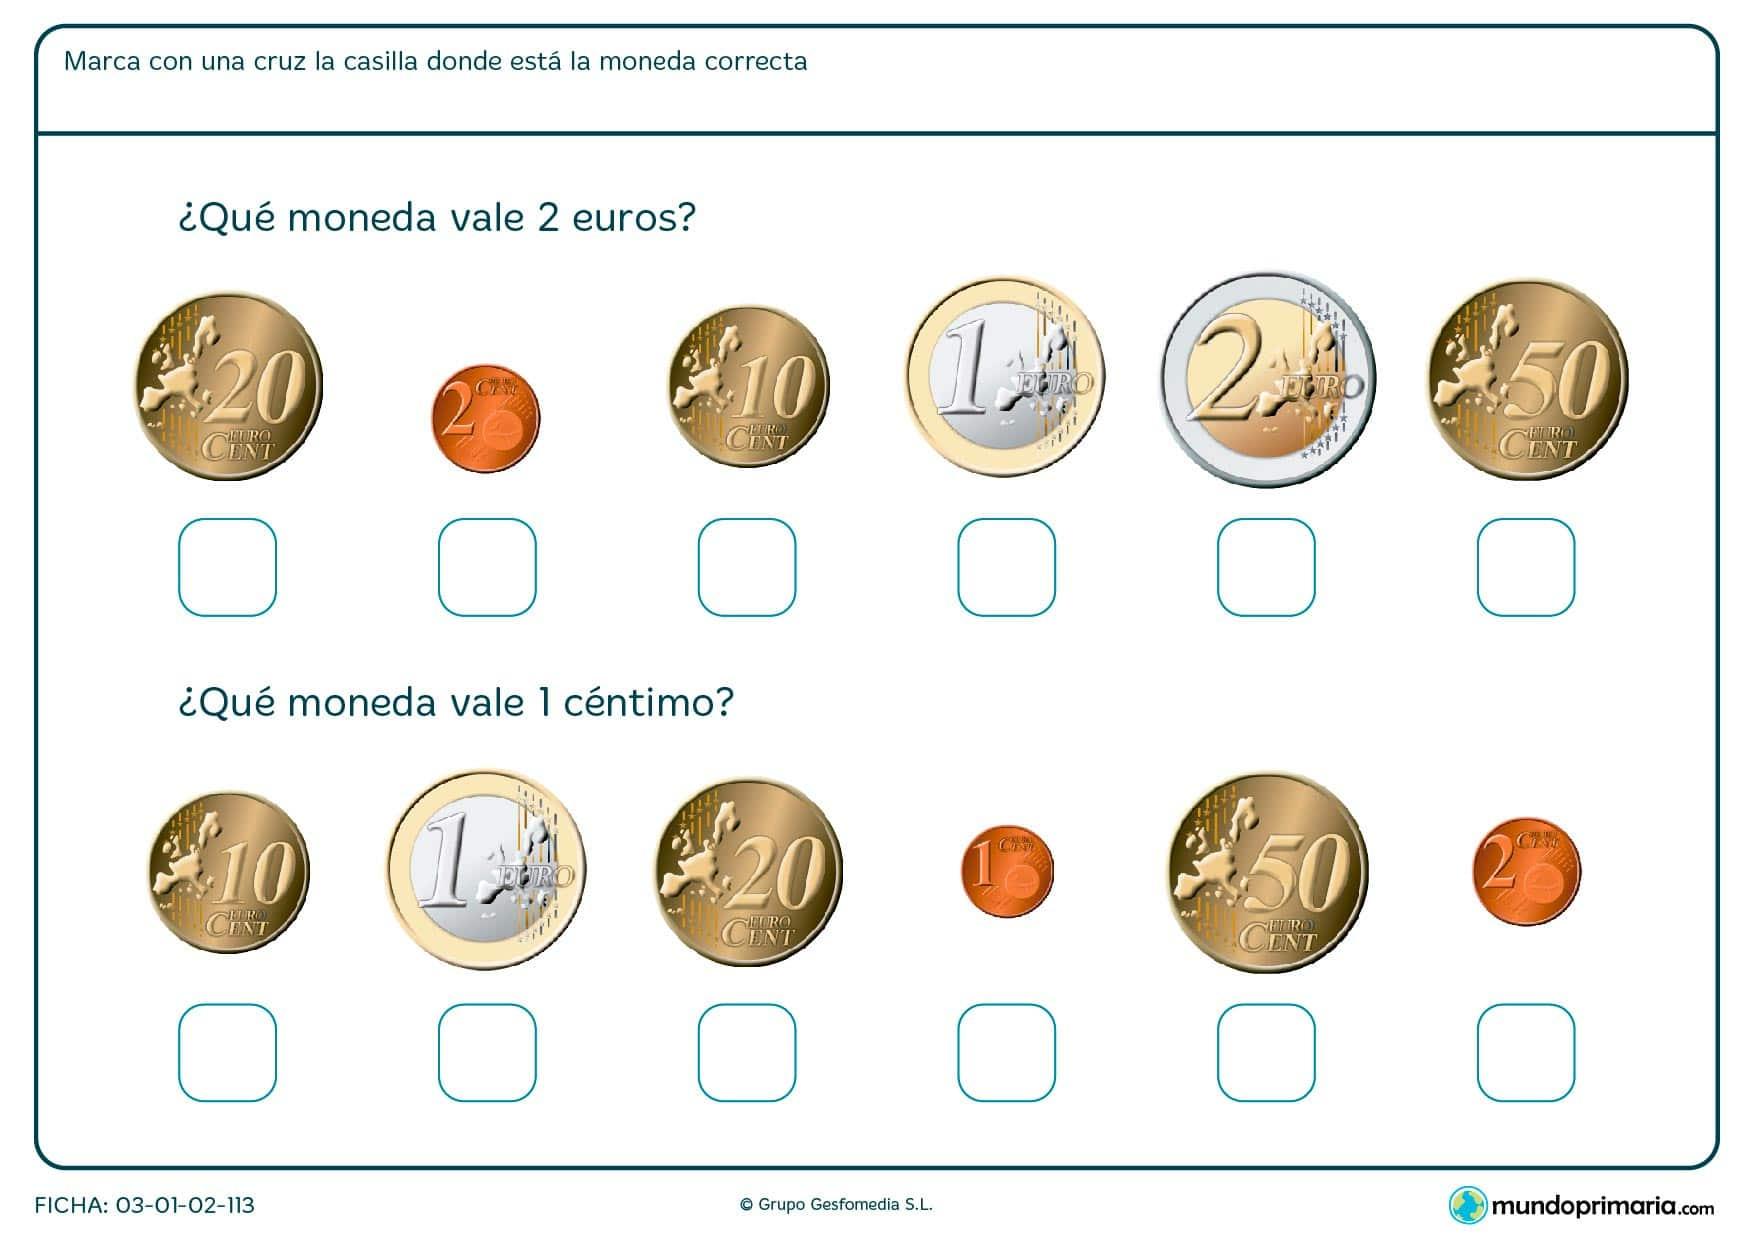 Ficha de monedas de euros en la que deberás señalar cuál corresponde a 2 euros y cuál a 1 céntimo.